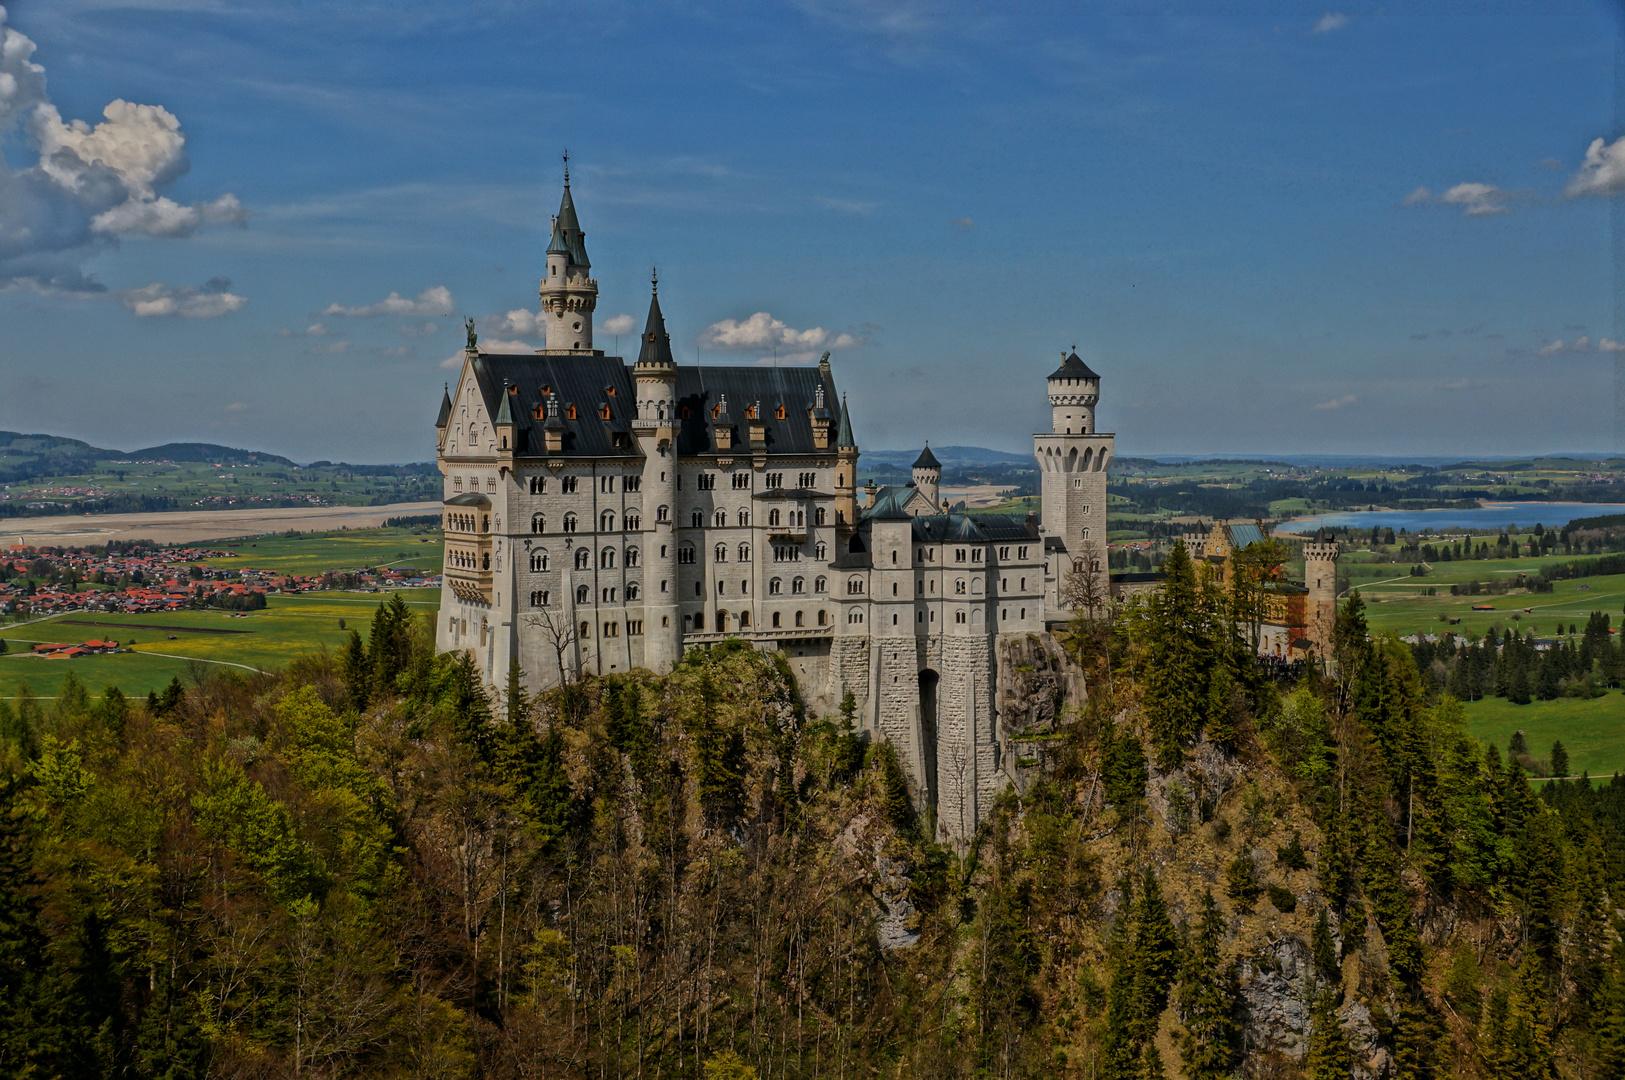 Schloss Neuschwanstein mal aus einer ganz anderen Perspektive ;-)